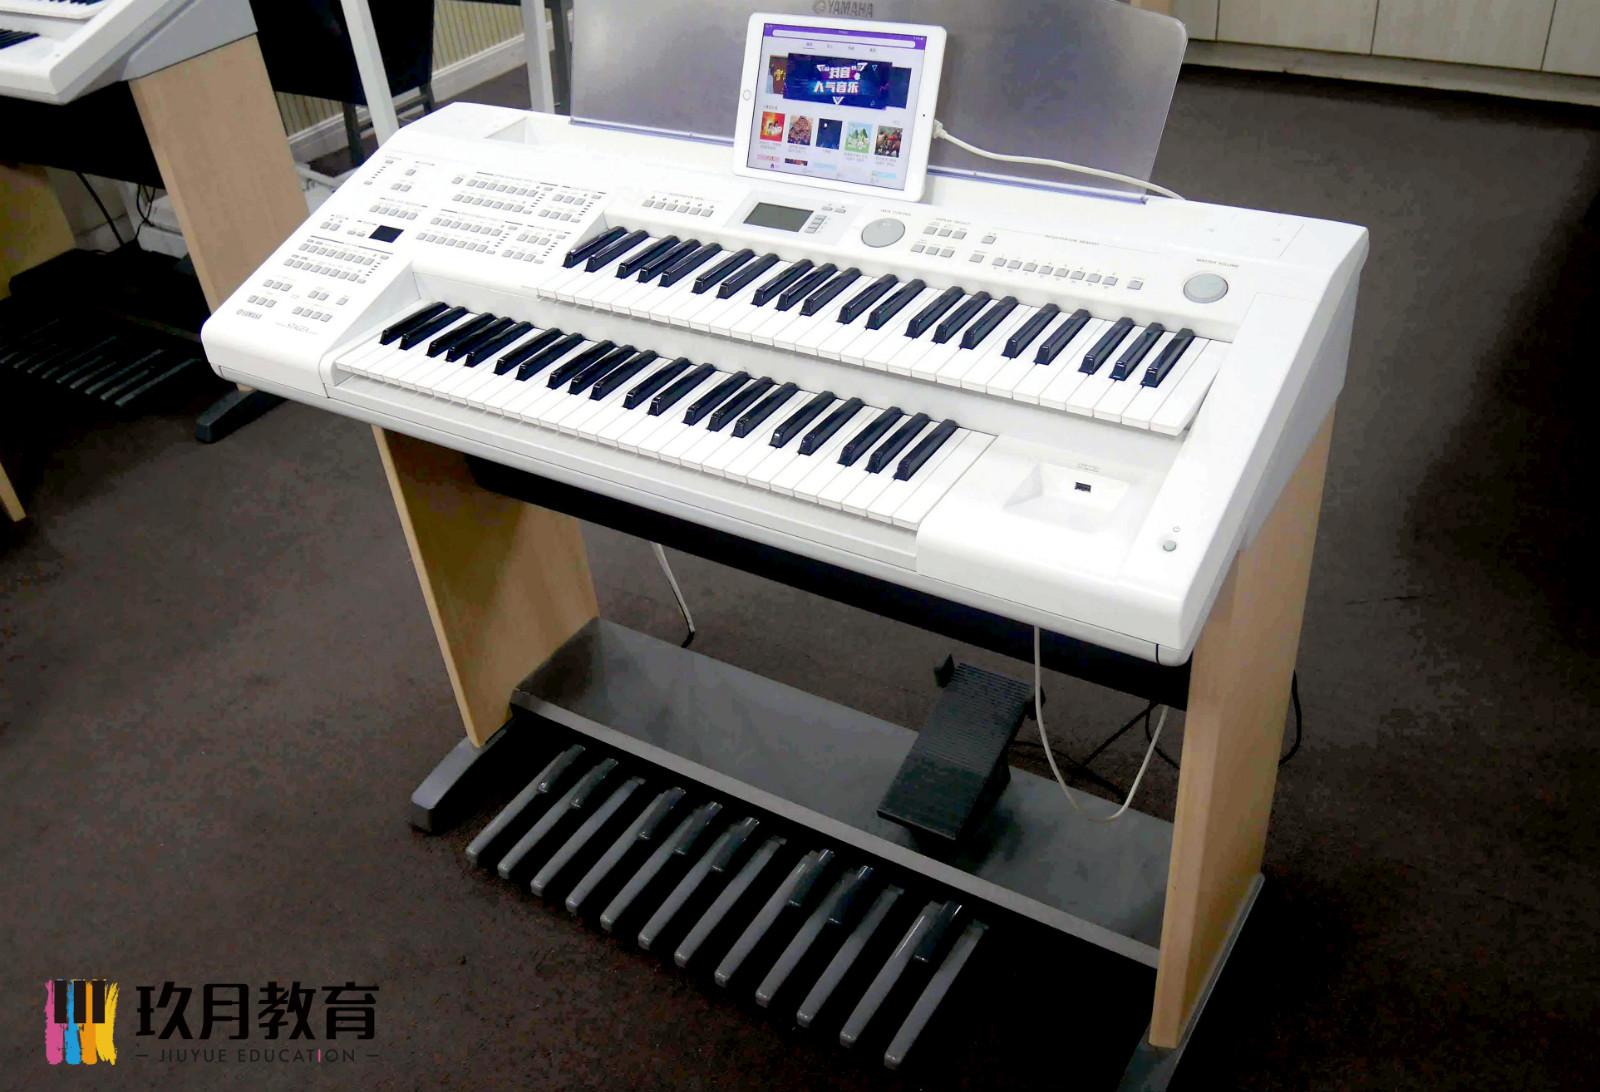 【双排键小学堂】一、认识双排键电子琴